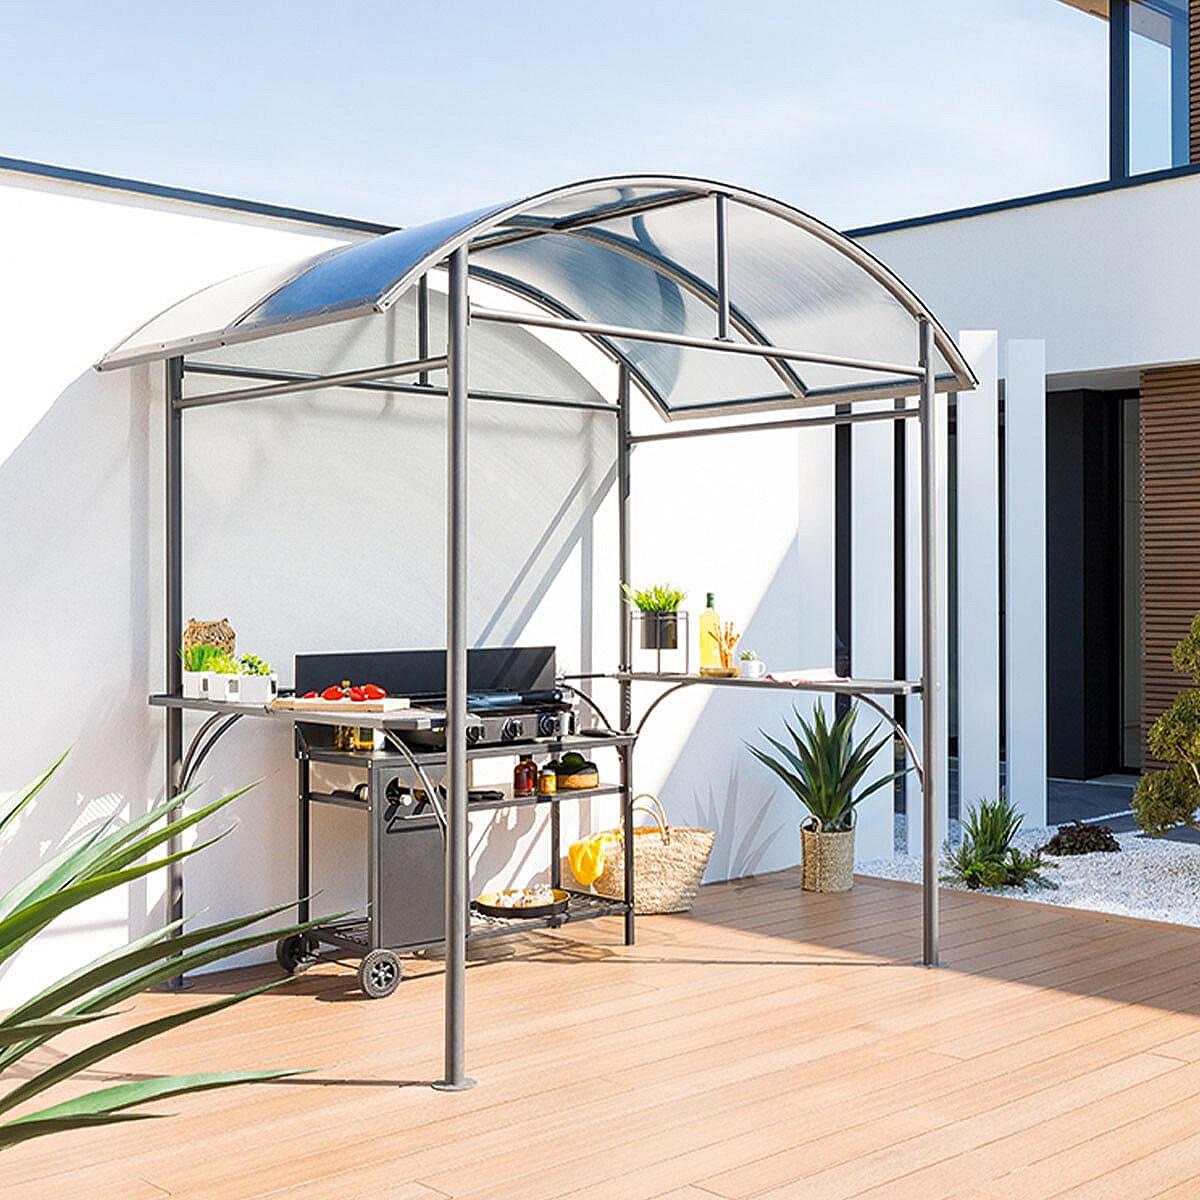 HESPERIDE Záhradný prístrešok pre gril 2,5x1,6 m